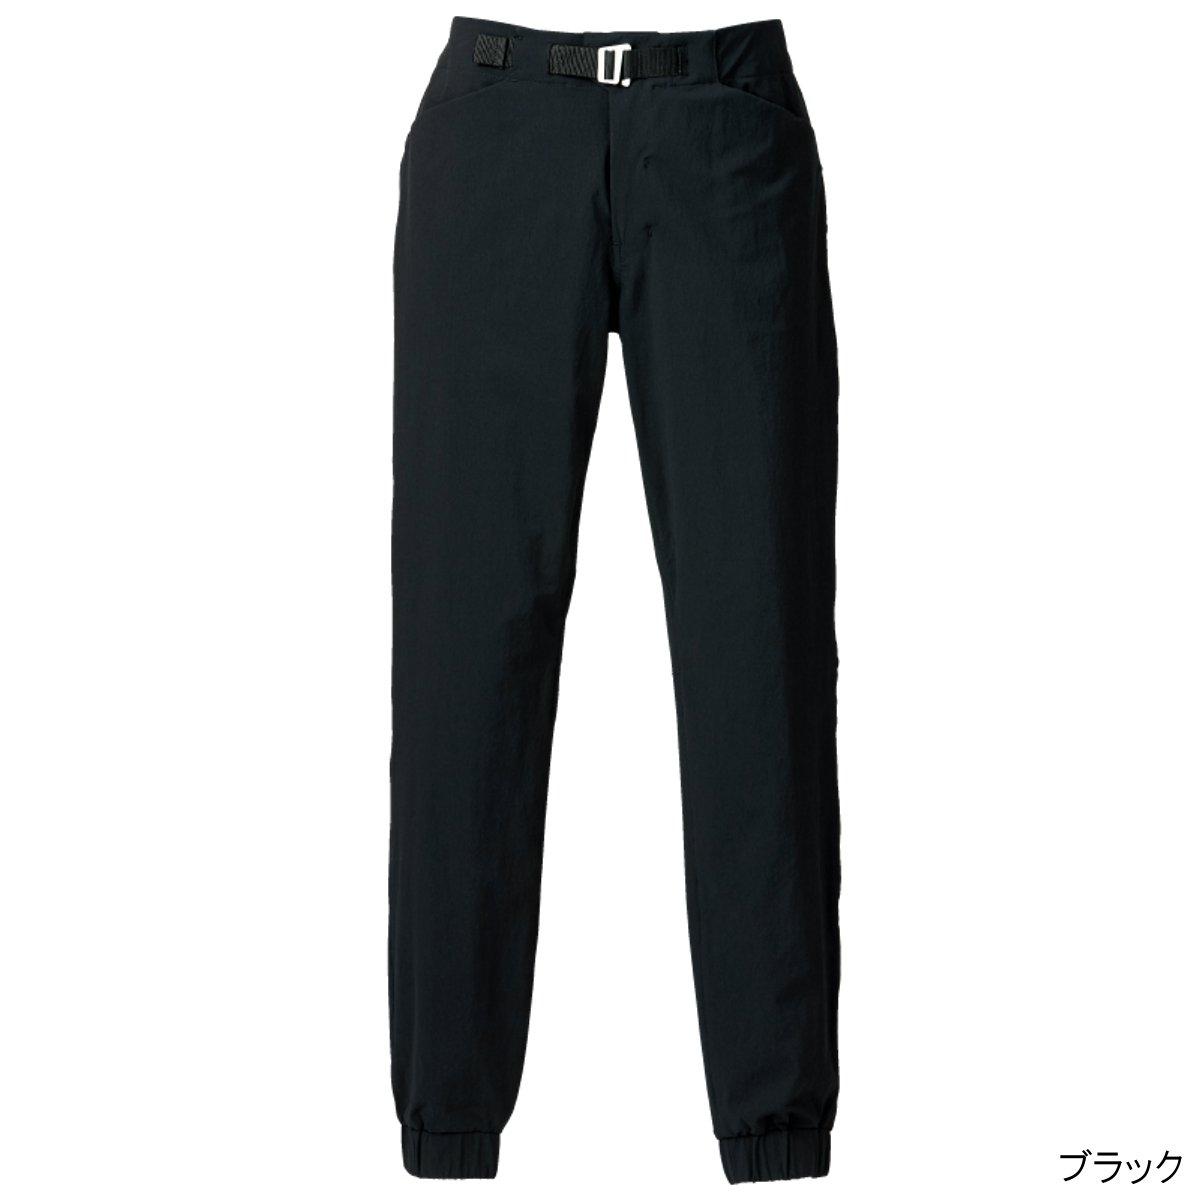 ダイワ 強撥水ストレッチパンツ DP-8007 XL ブラック(東日本店)